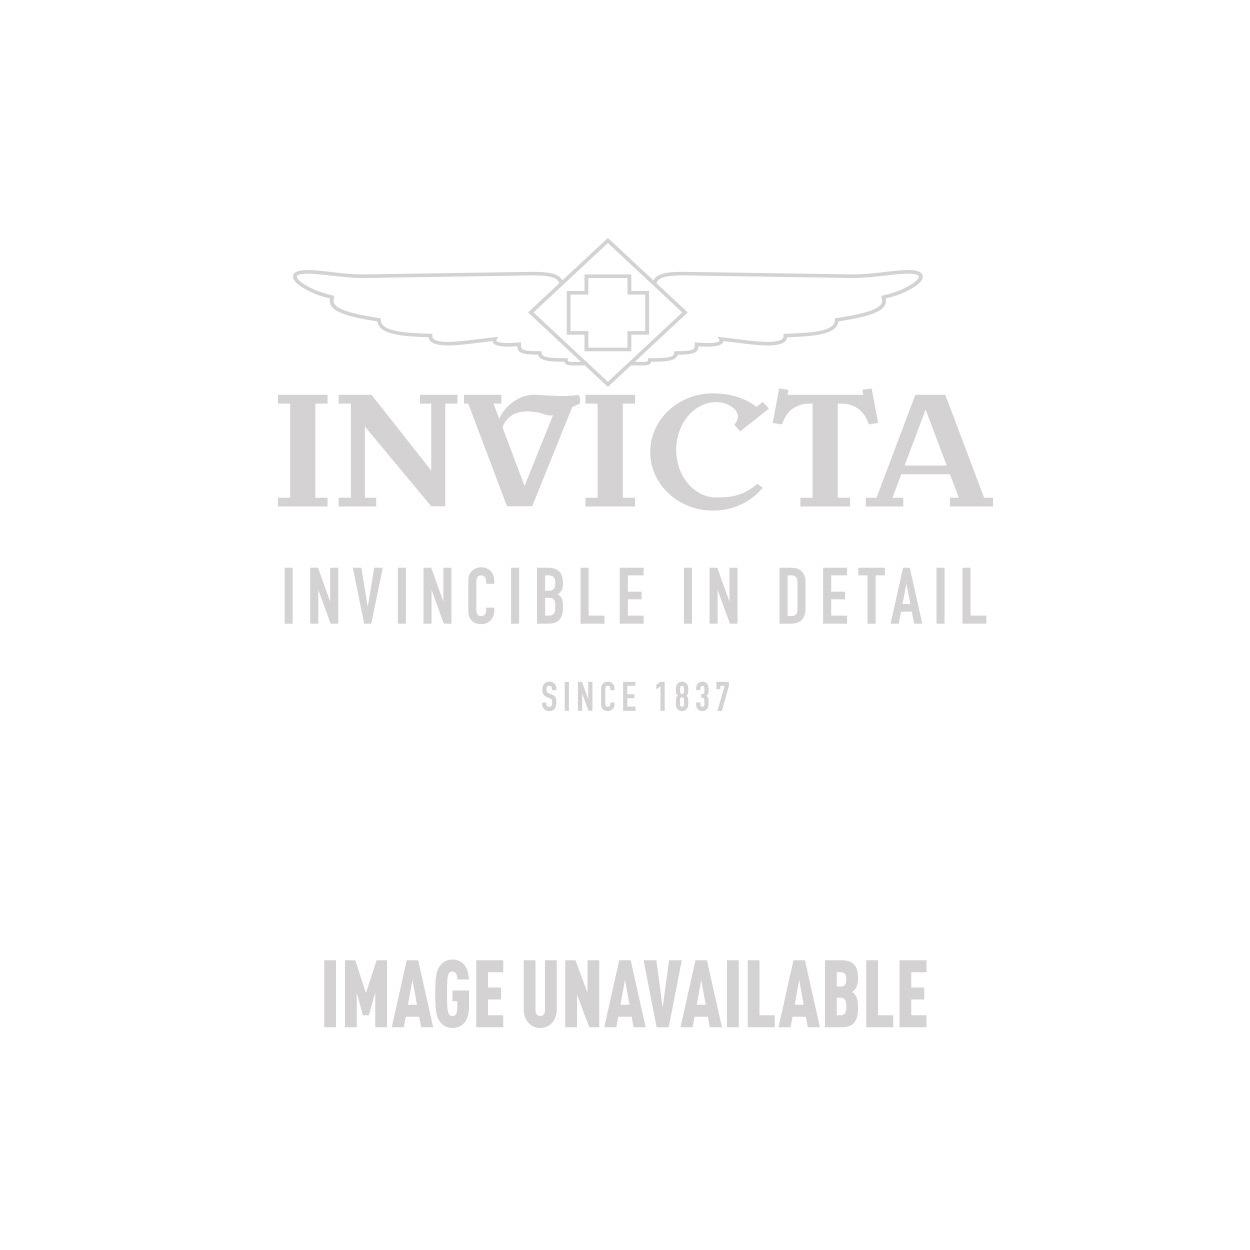 Invicta Model 29391